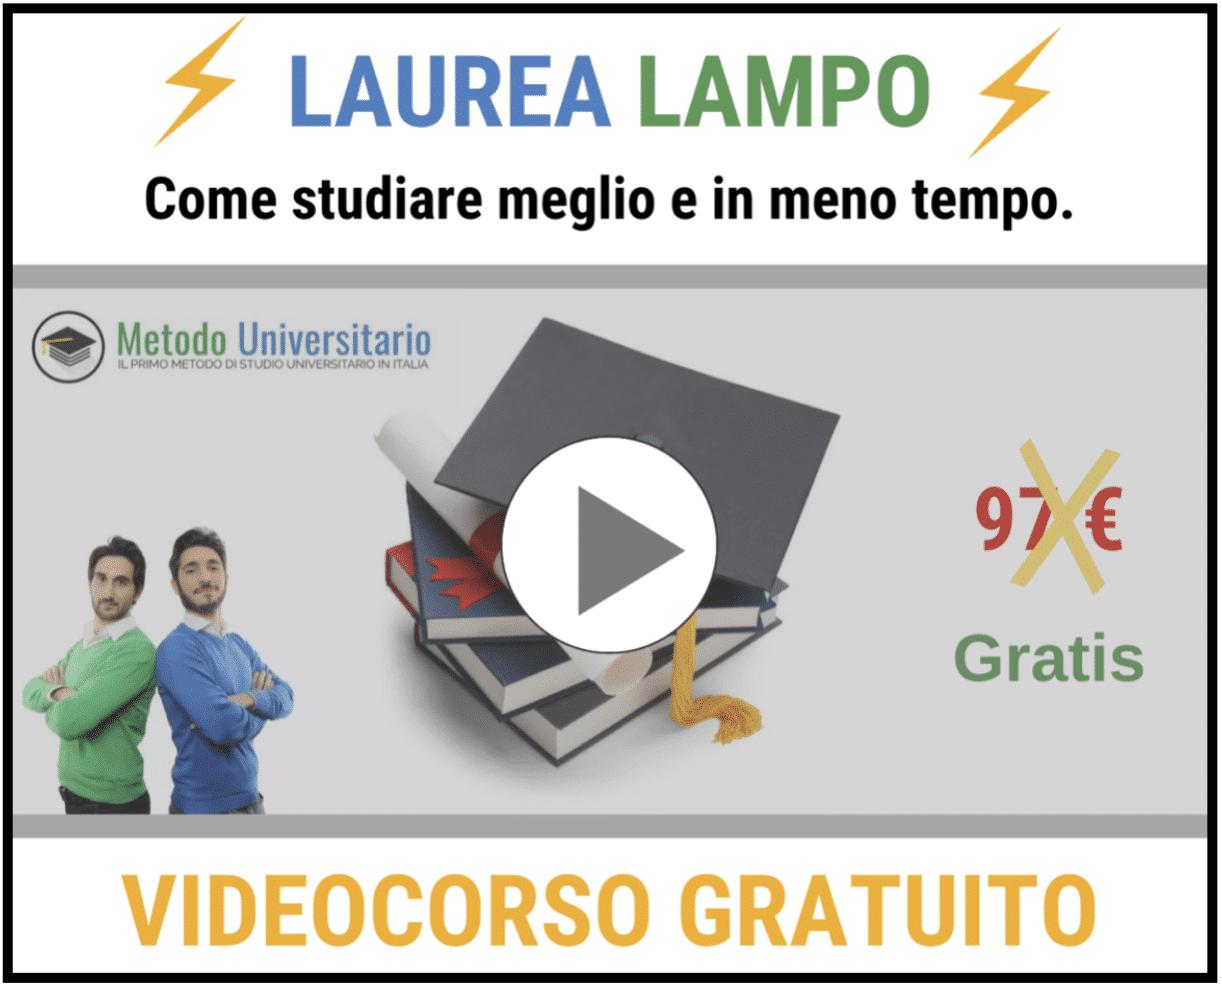 laurea lampo - Metodo di Studio Universitario: La Formula per il 30 e lode